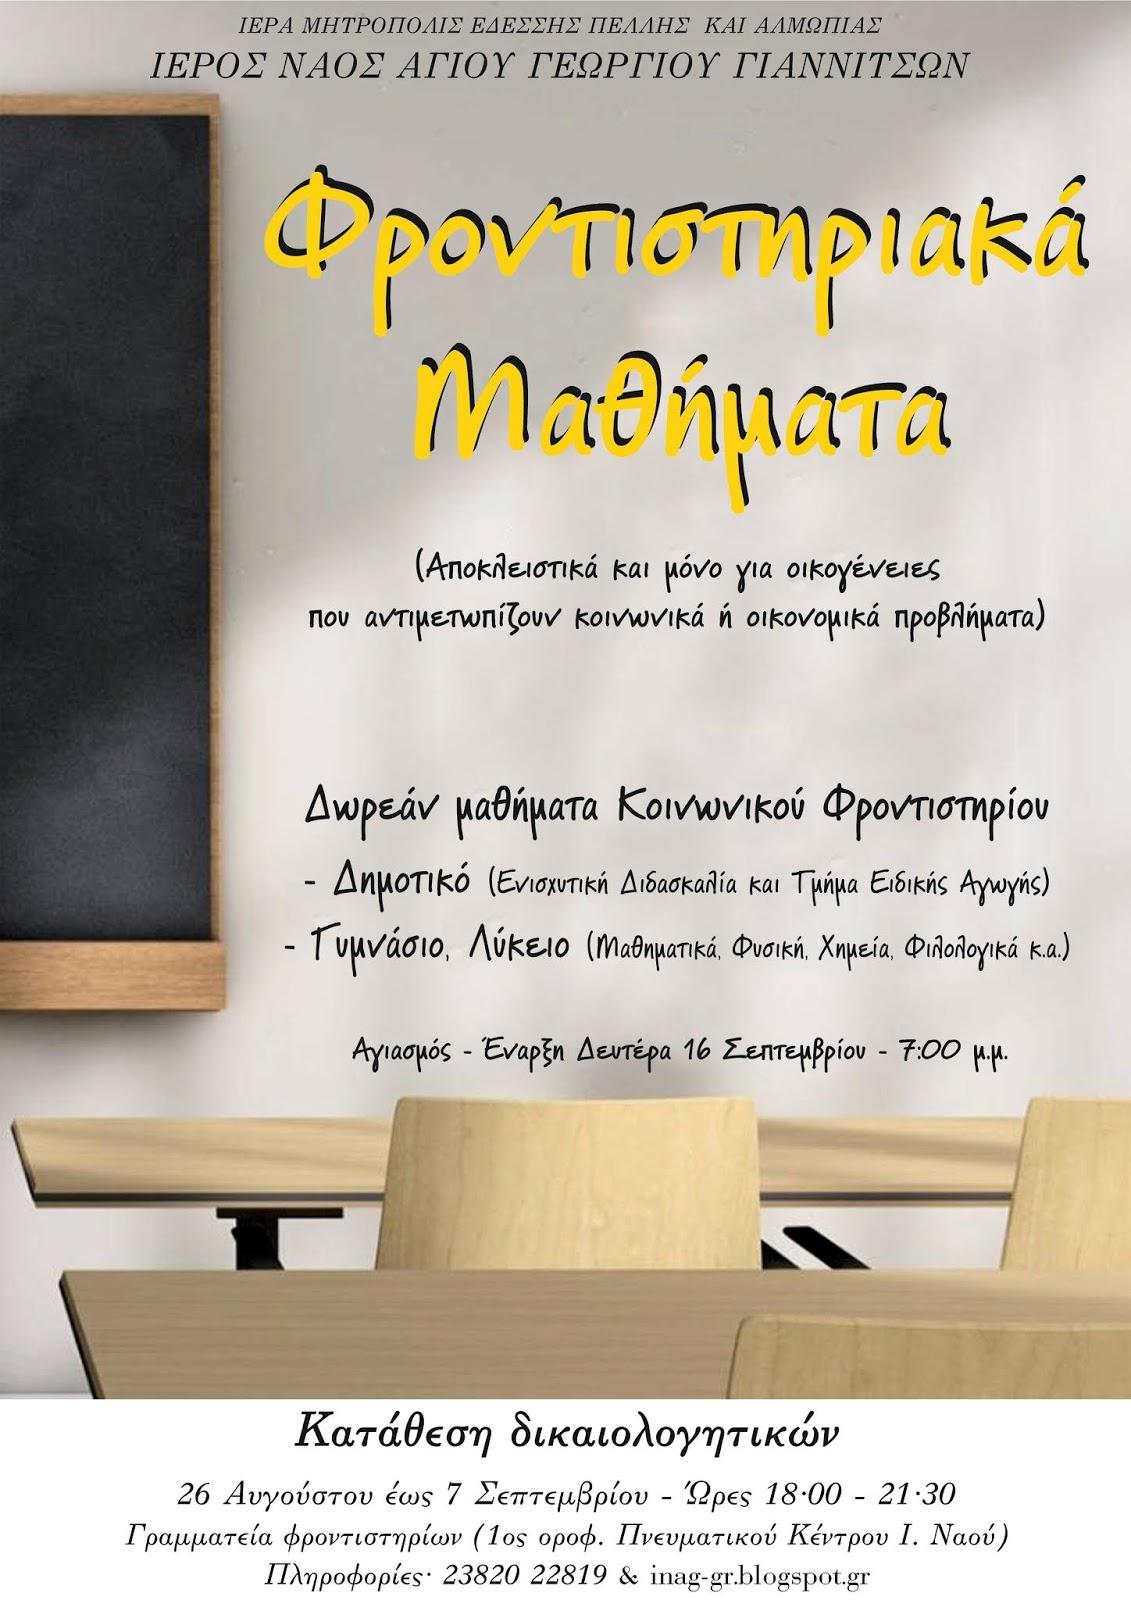 Έναρξη Εγγραφών στα Δωρεάν Φροντιστηριακά Μαθήματα της Ενορίας του Αγίου Γεωργίου Γιαννιτσών για το Σχολικό Έτος 2019 - 2020